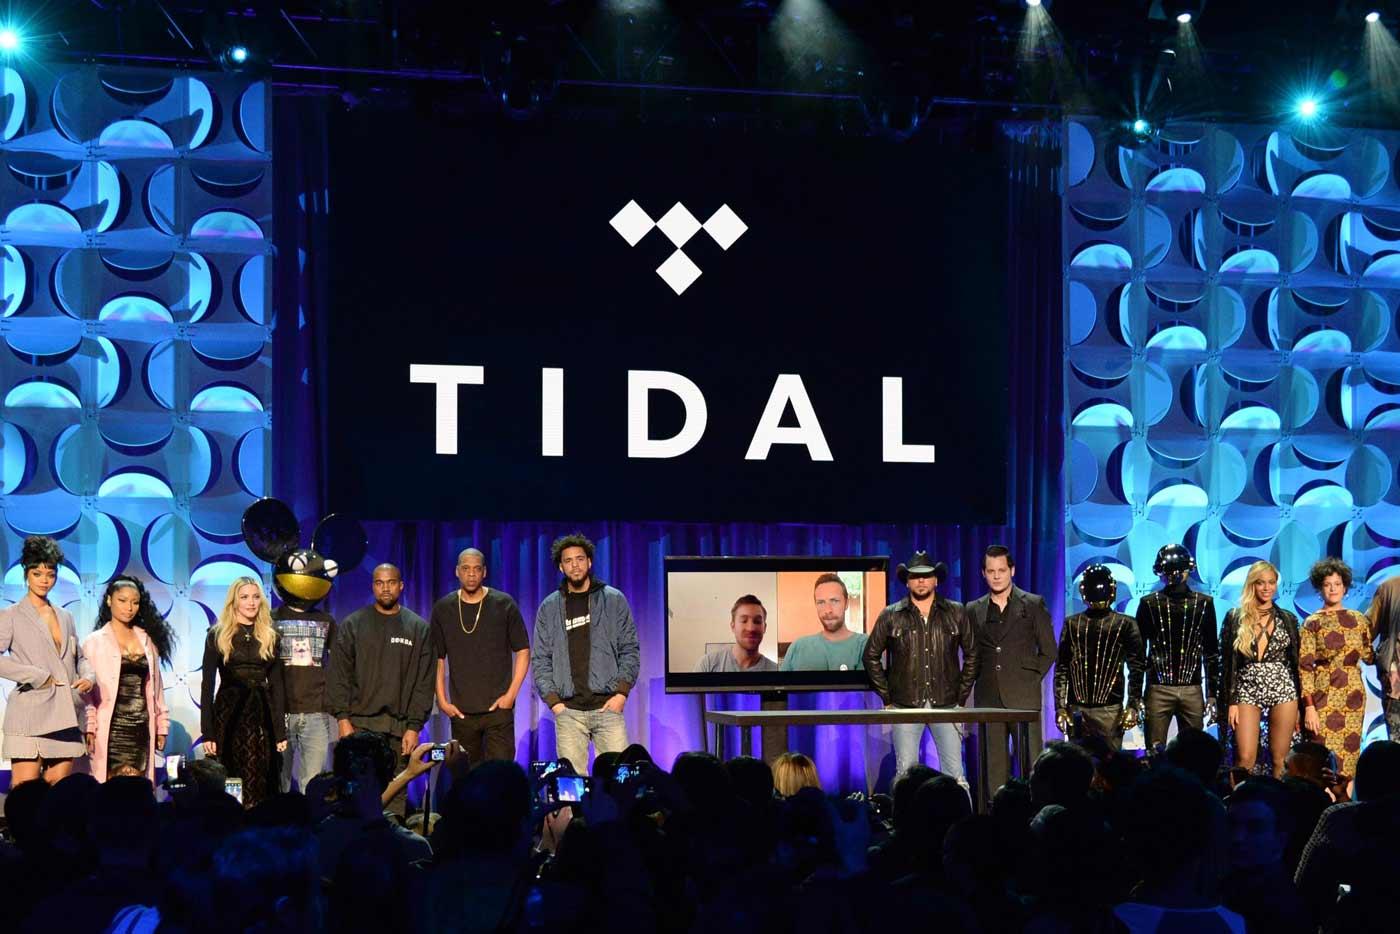 Tidal, acusada de inflar el número de reproducciones de Kanye West y Beyoncé